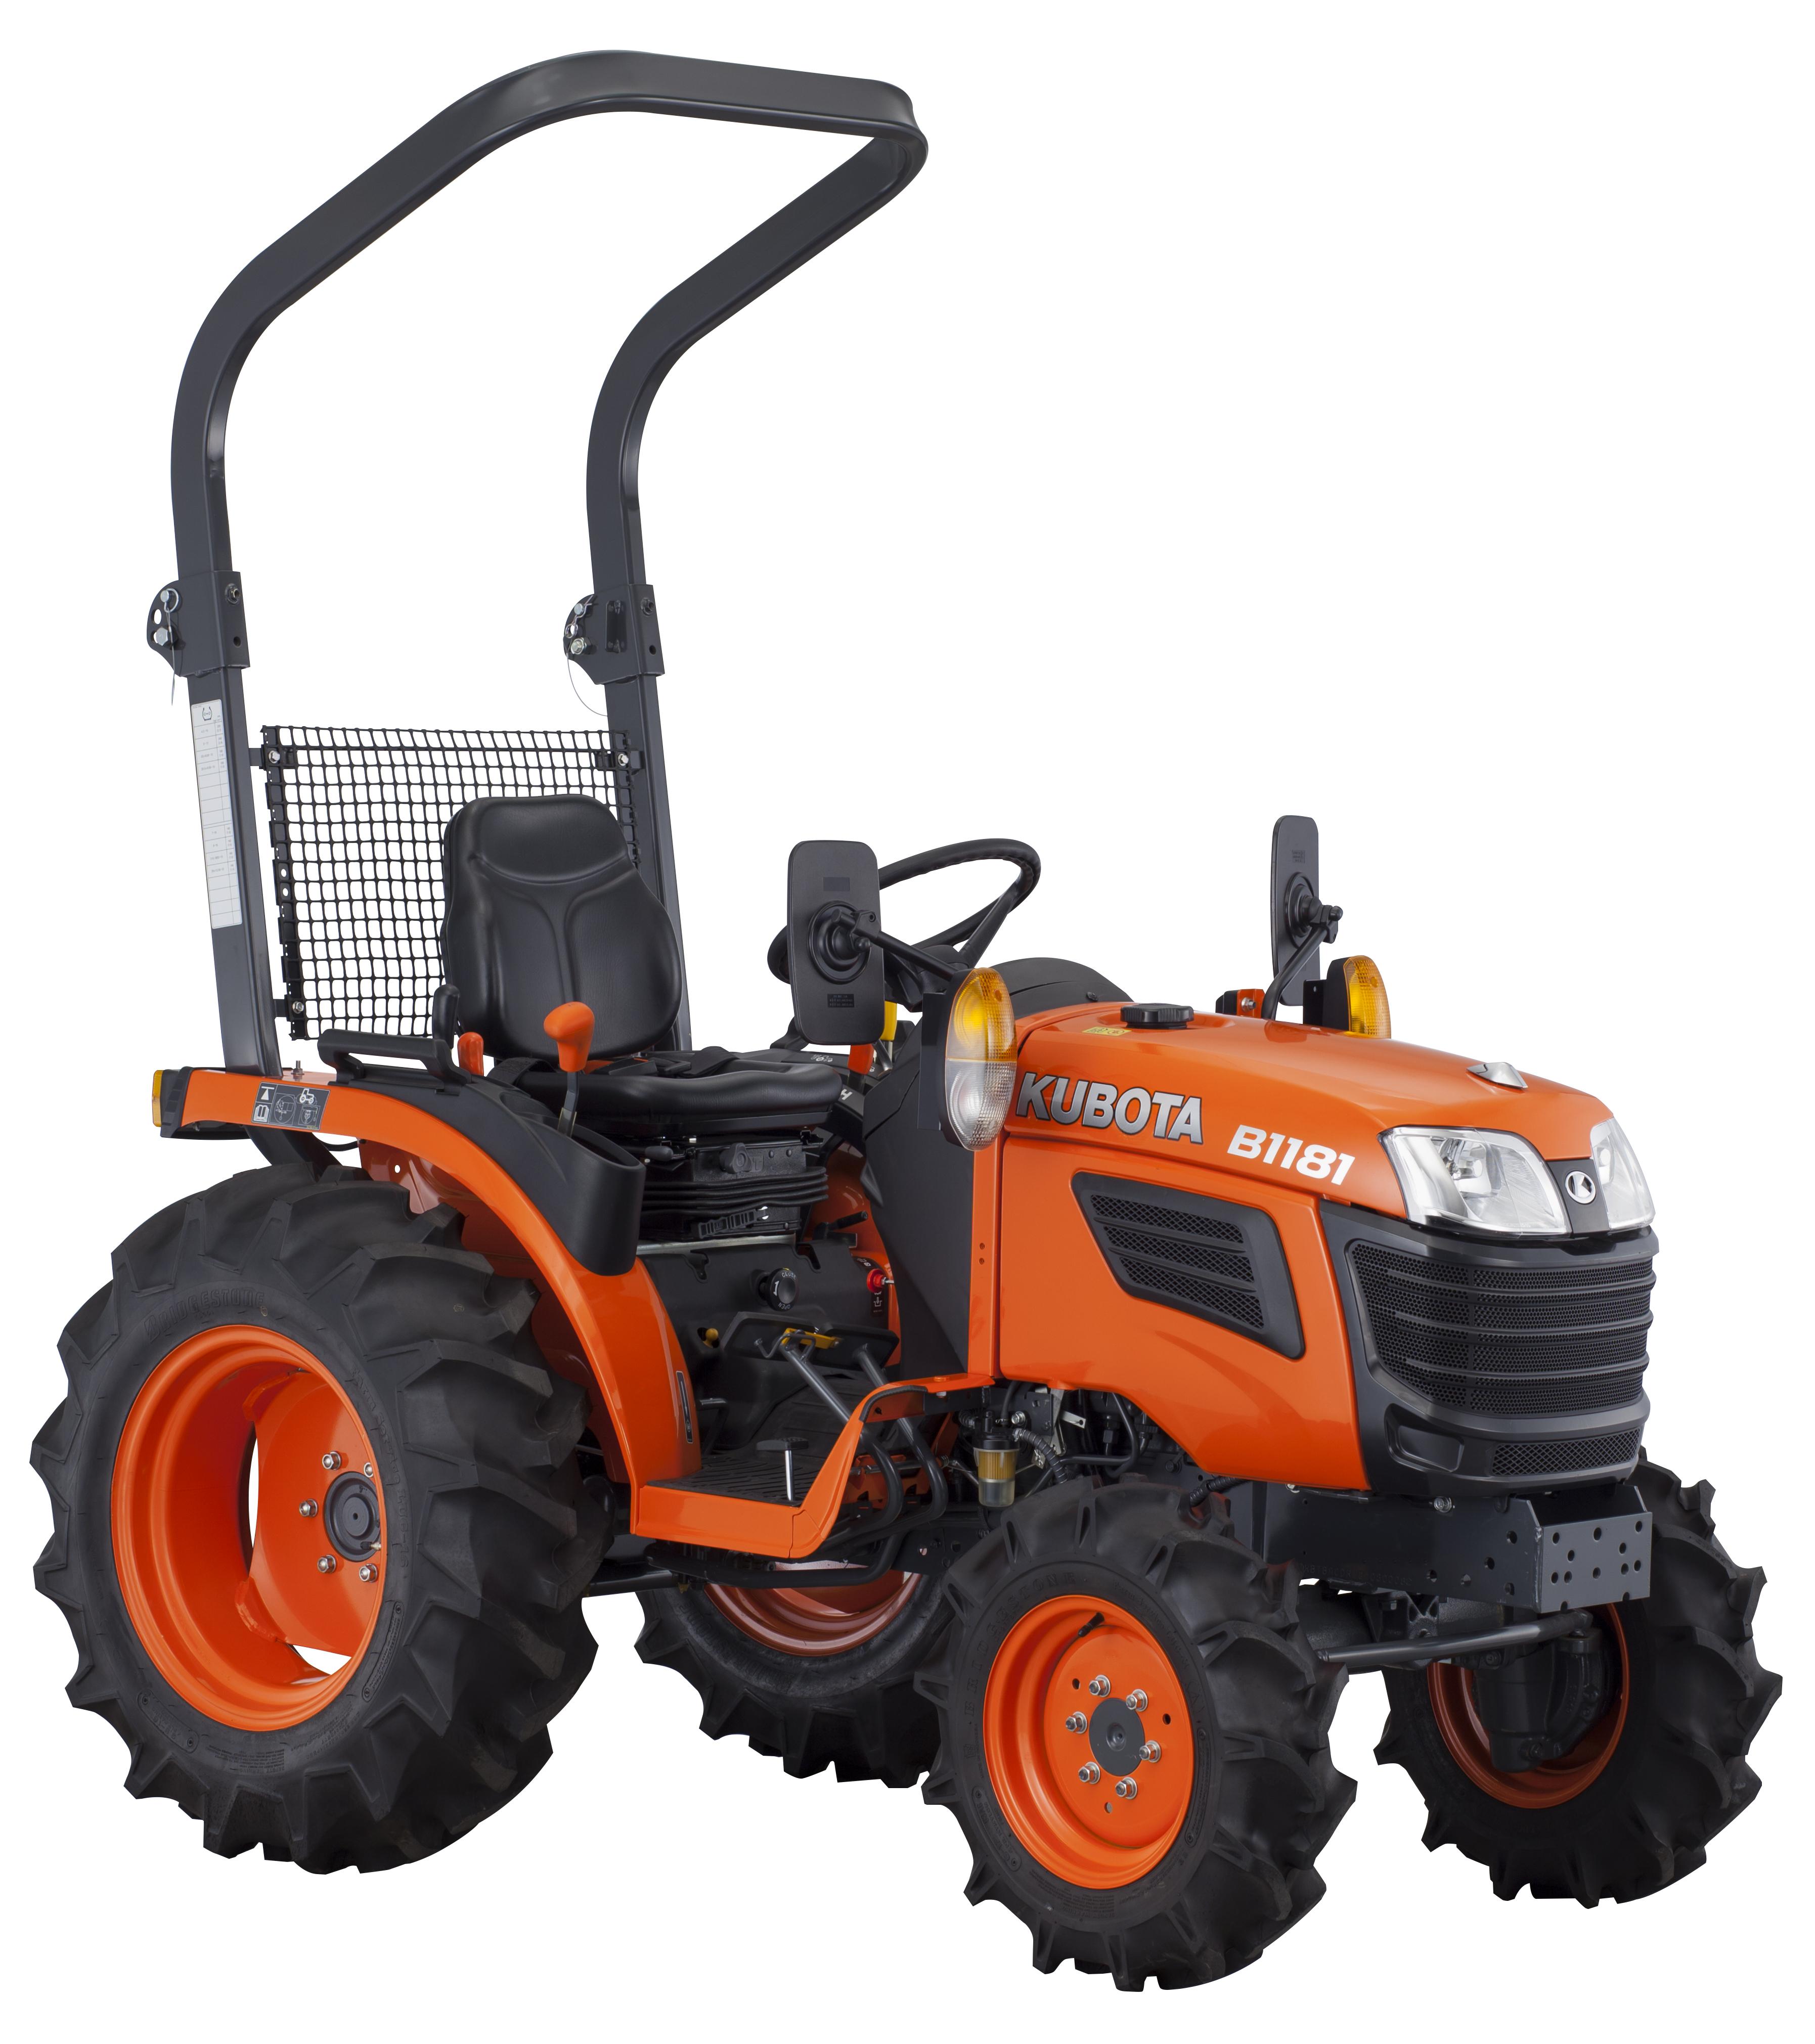 Tracteurs compacts B1181 - KUBOTA